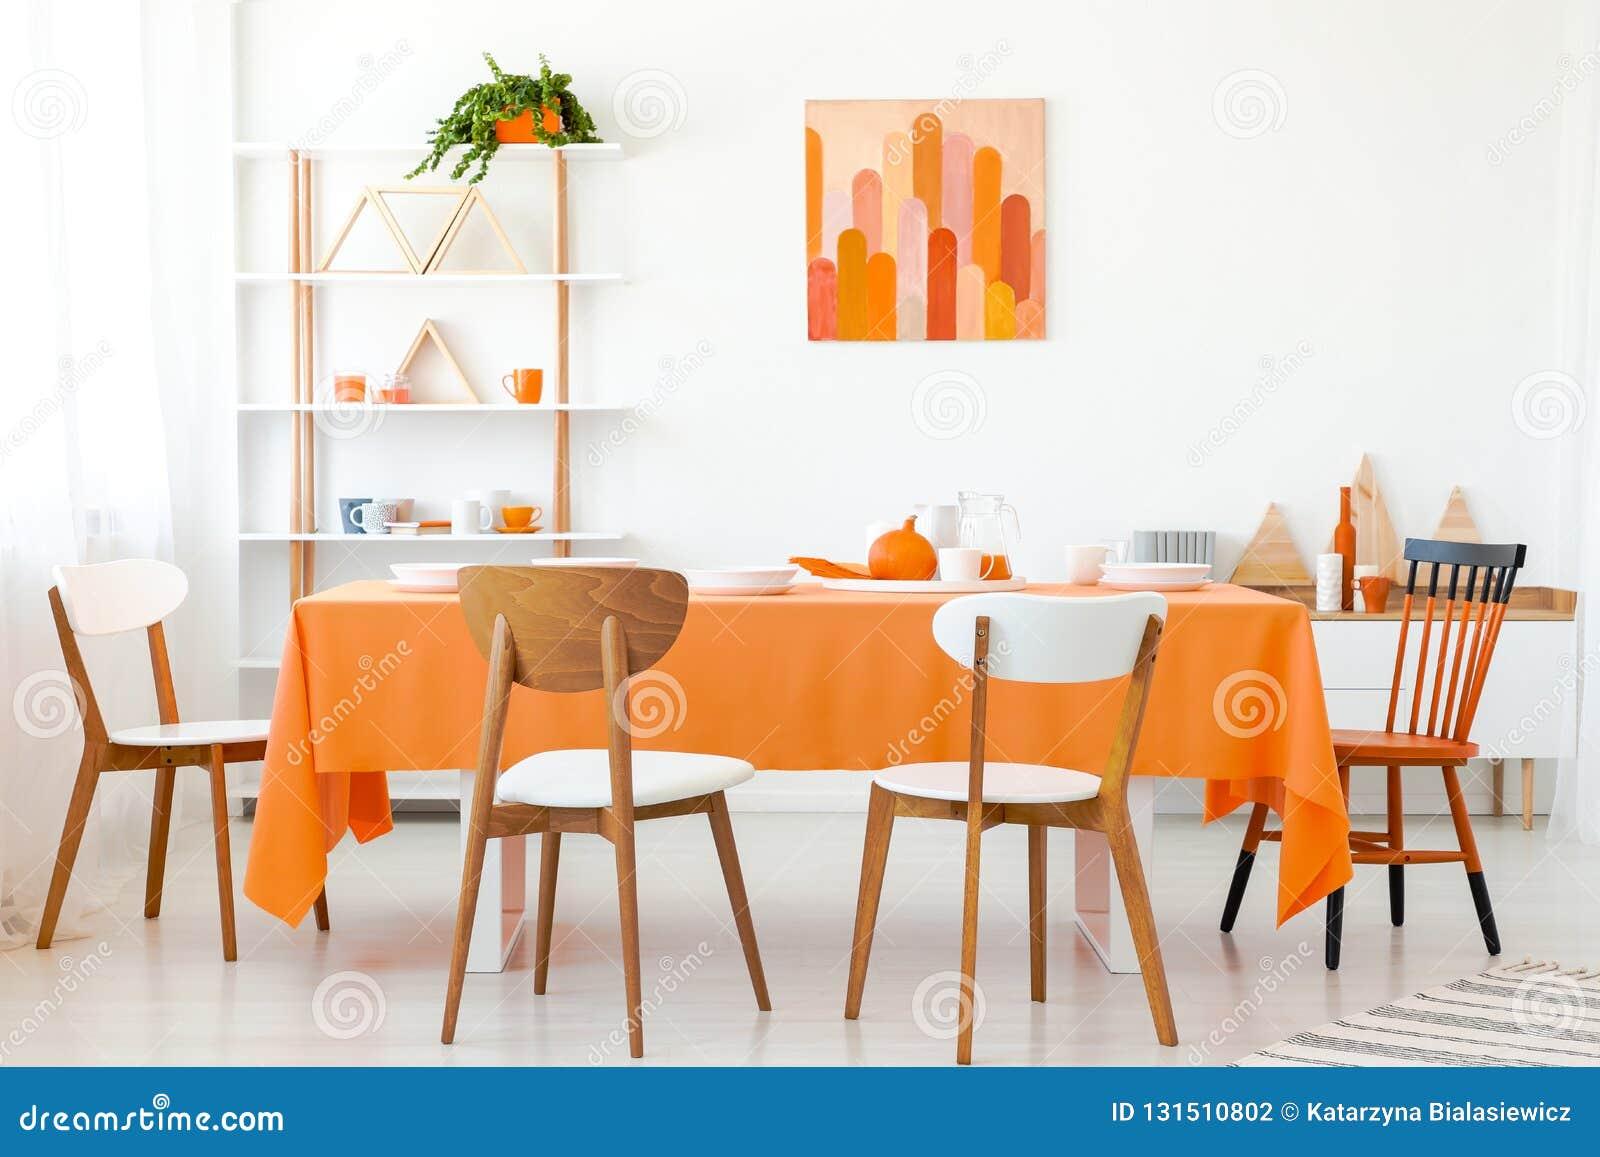 Деревянные стулья на оранжевой таблице в белой столовой